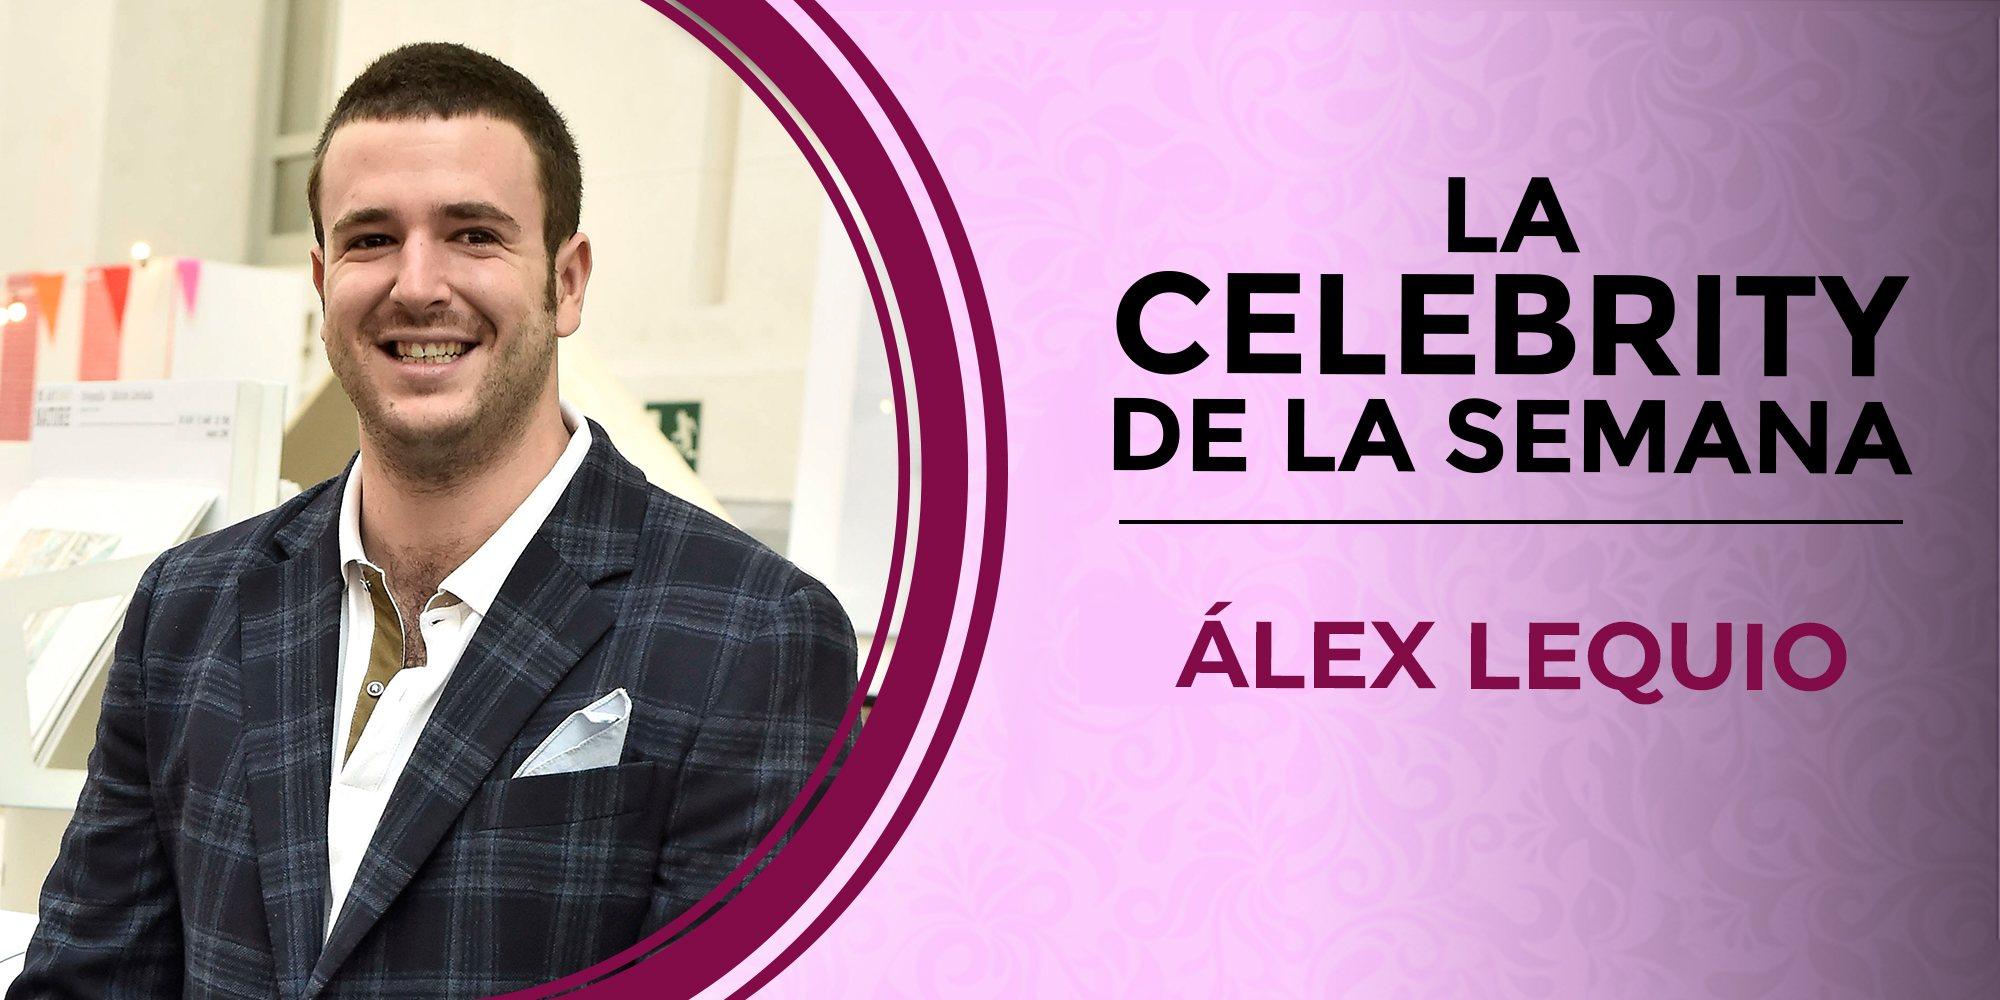 Álex Lequio, celebrity de la semana por su regreso a España tras luchar contra el cáncer en Estados Unidos